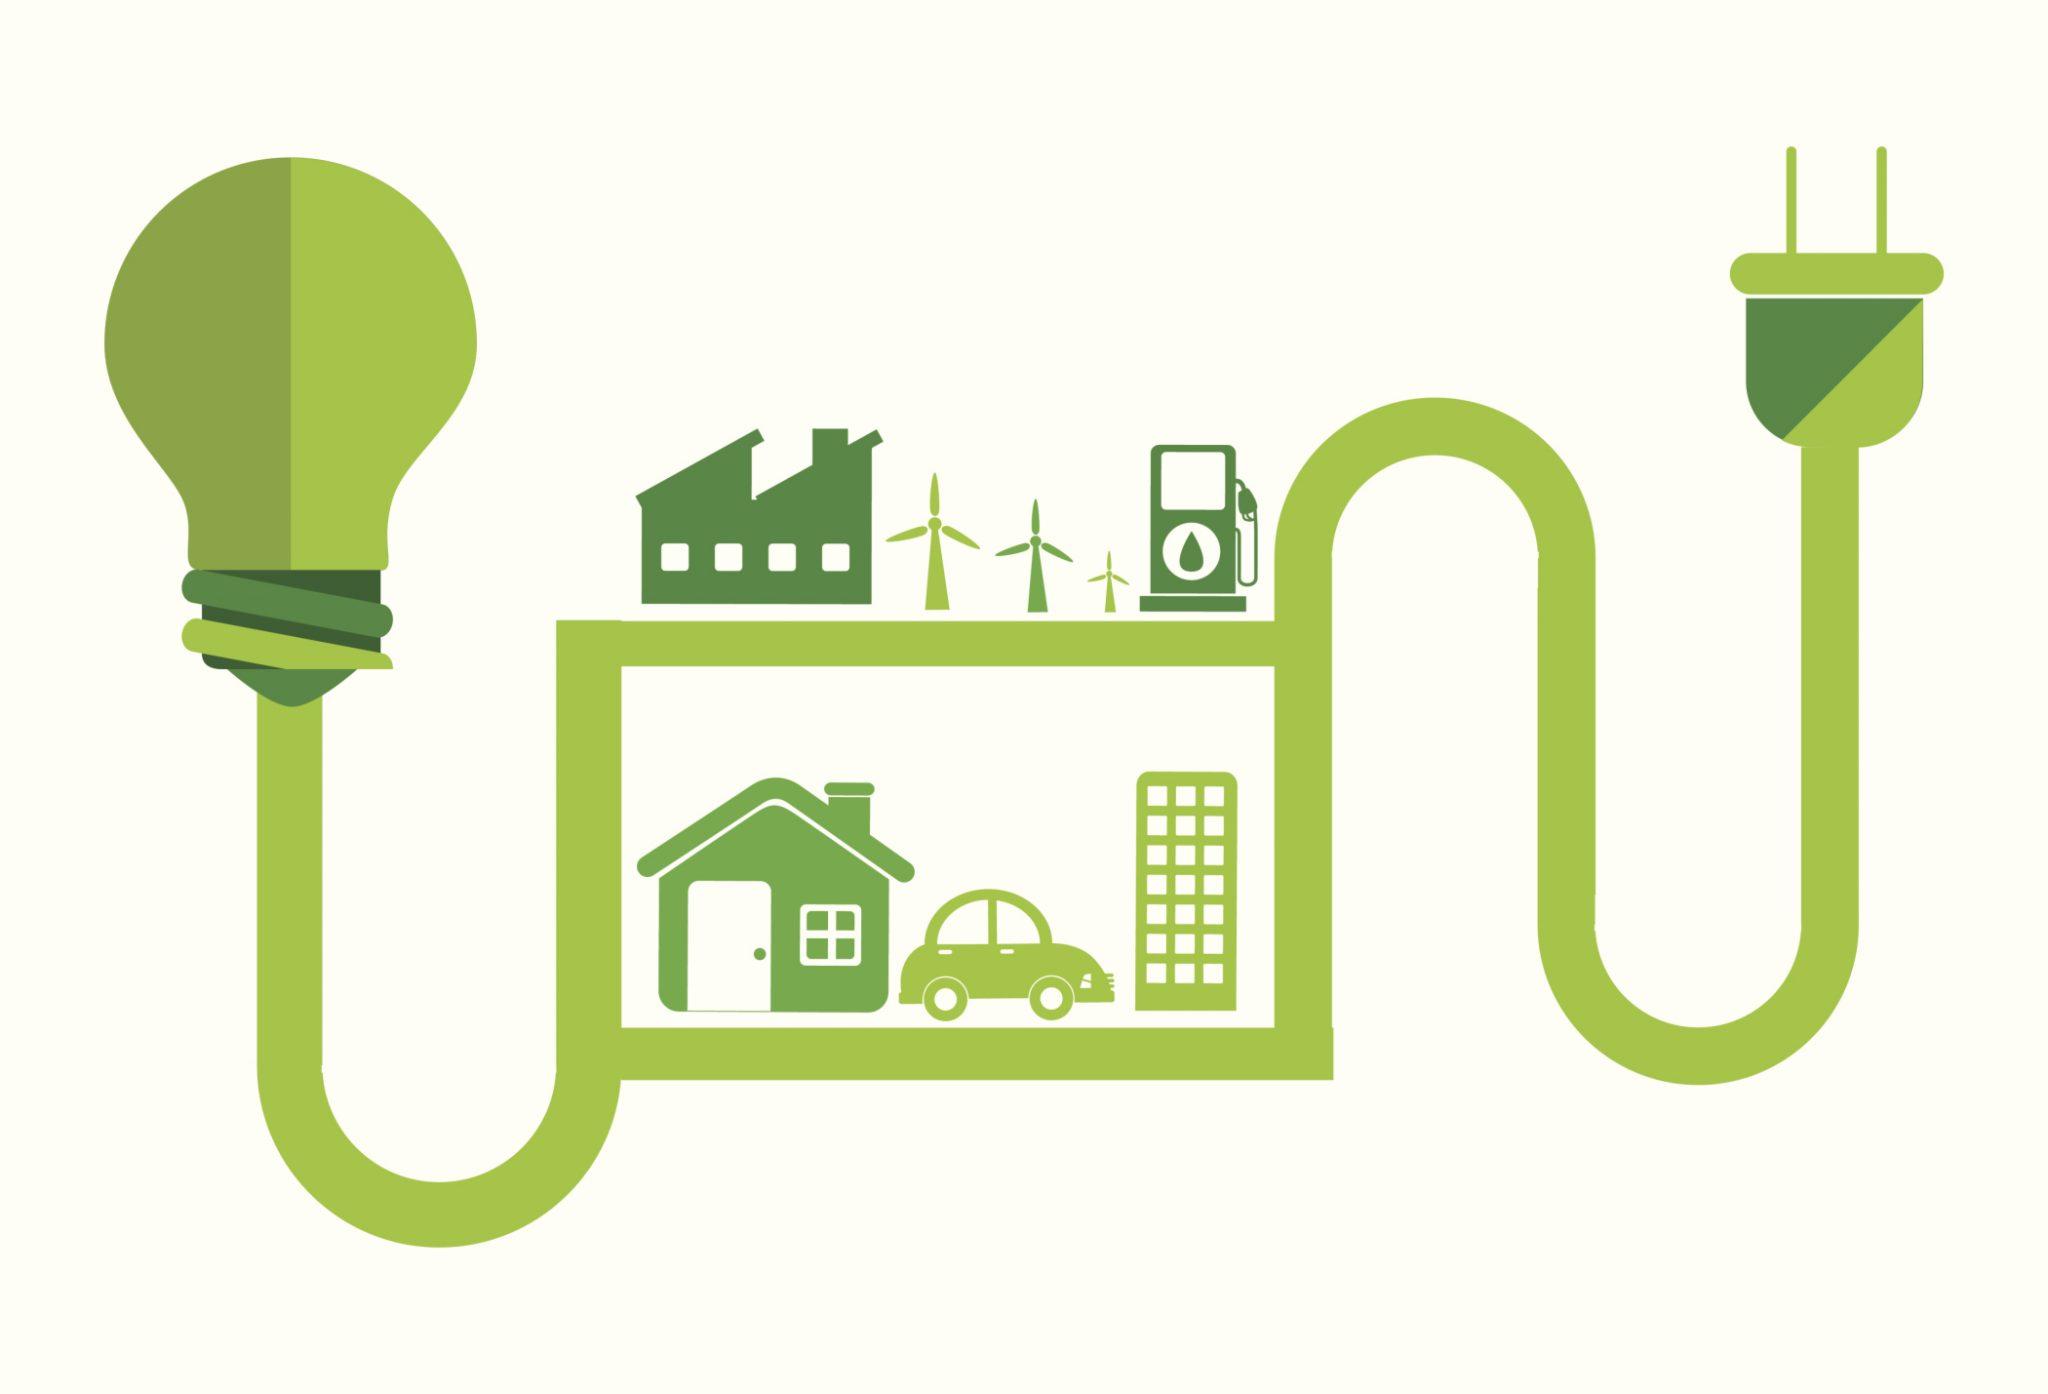 L'efficacité énergétique dans la baisse des émissions de gaz à effet de serre